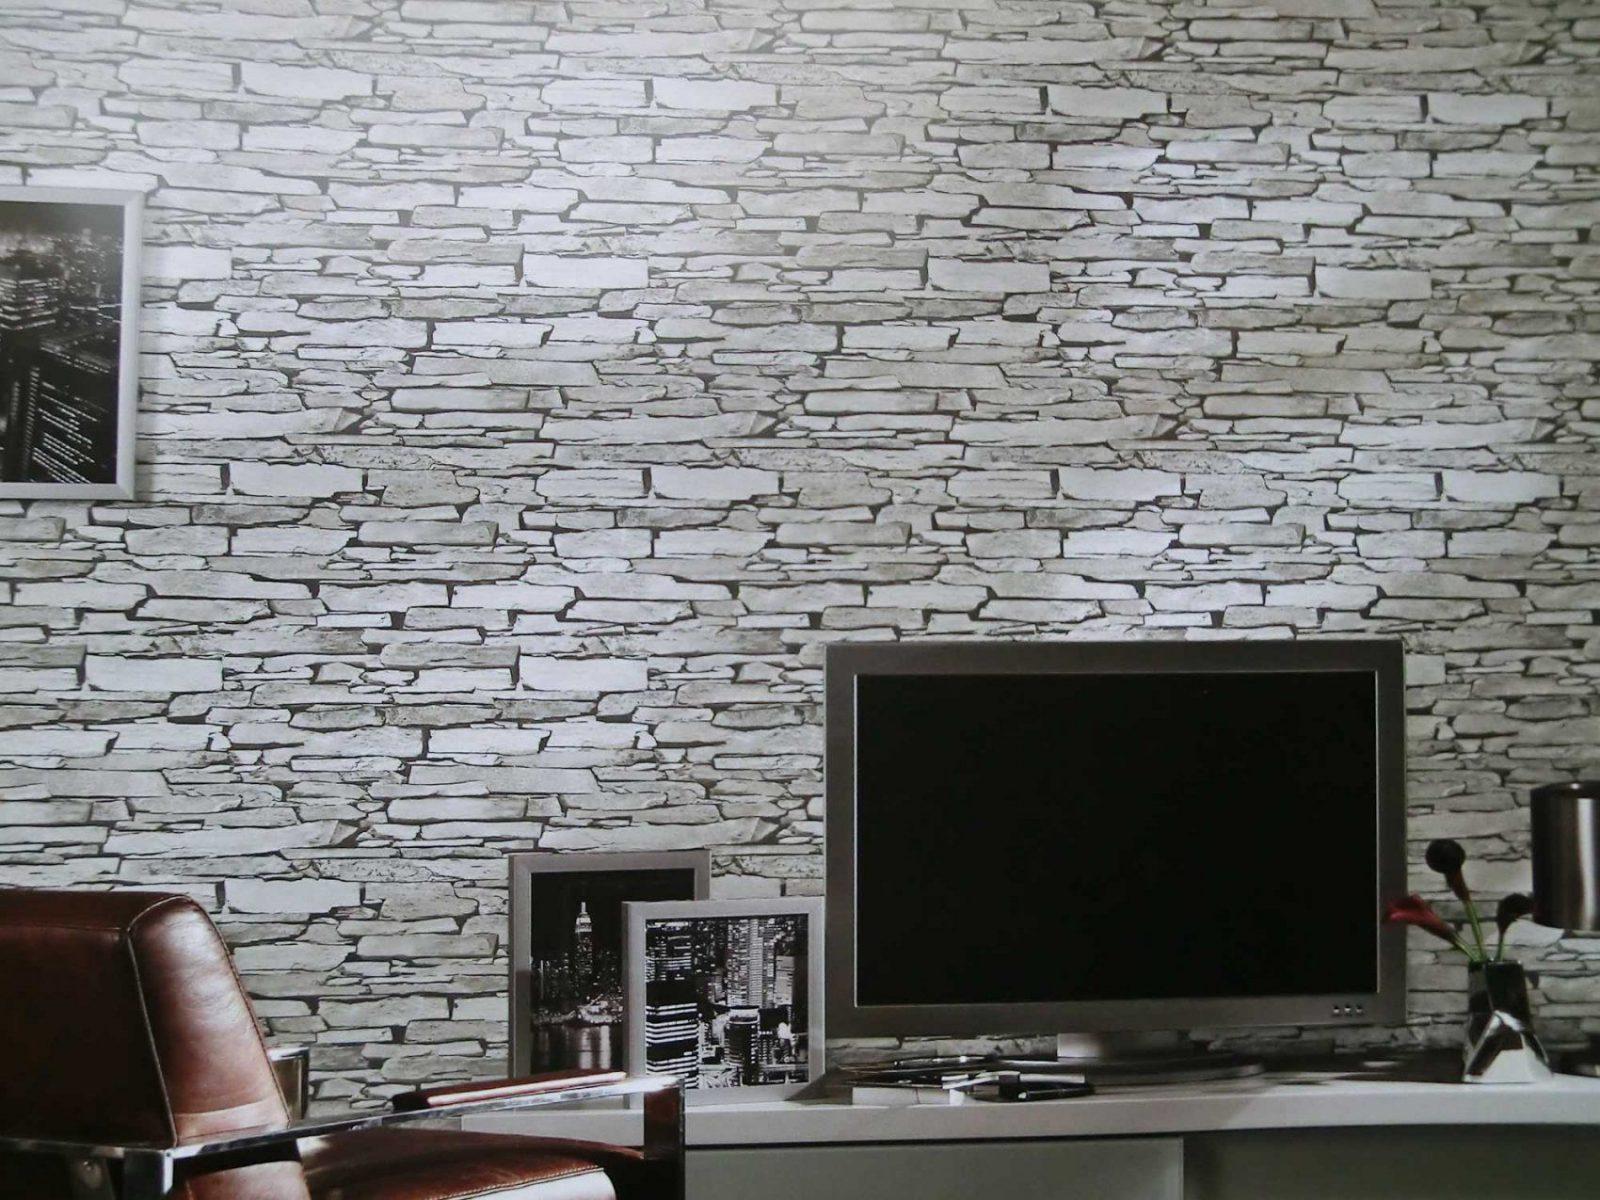 Aufregend Küchen Inspiration Zum Tapeten Wohnzimmer Schön Emejing von Tapete Steinoptik Wohnzimmer Grau Bild